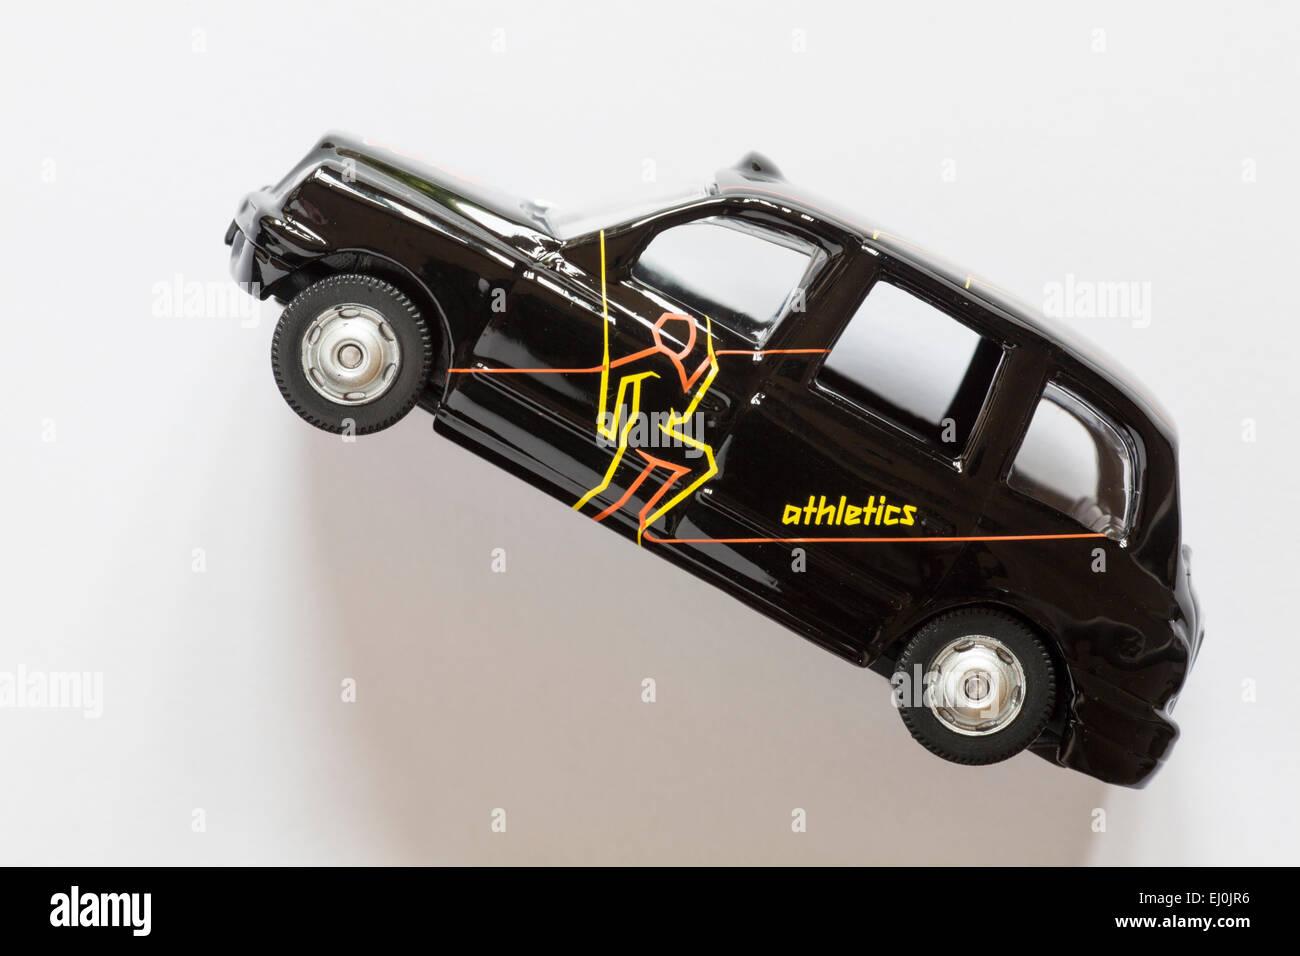 Destino de los taxis de Londres 2012 - juguete taxi negro de atletismo para los Juegos Olímpicos de Londres Imagen De Stock